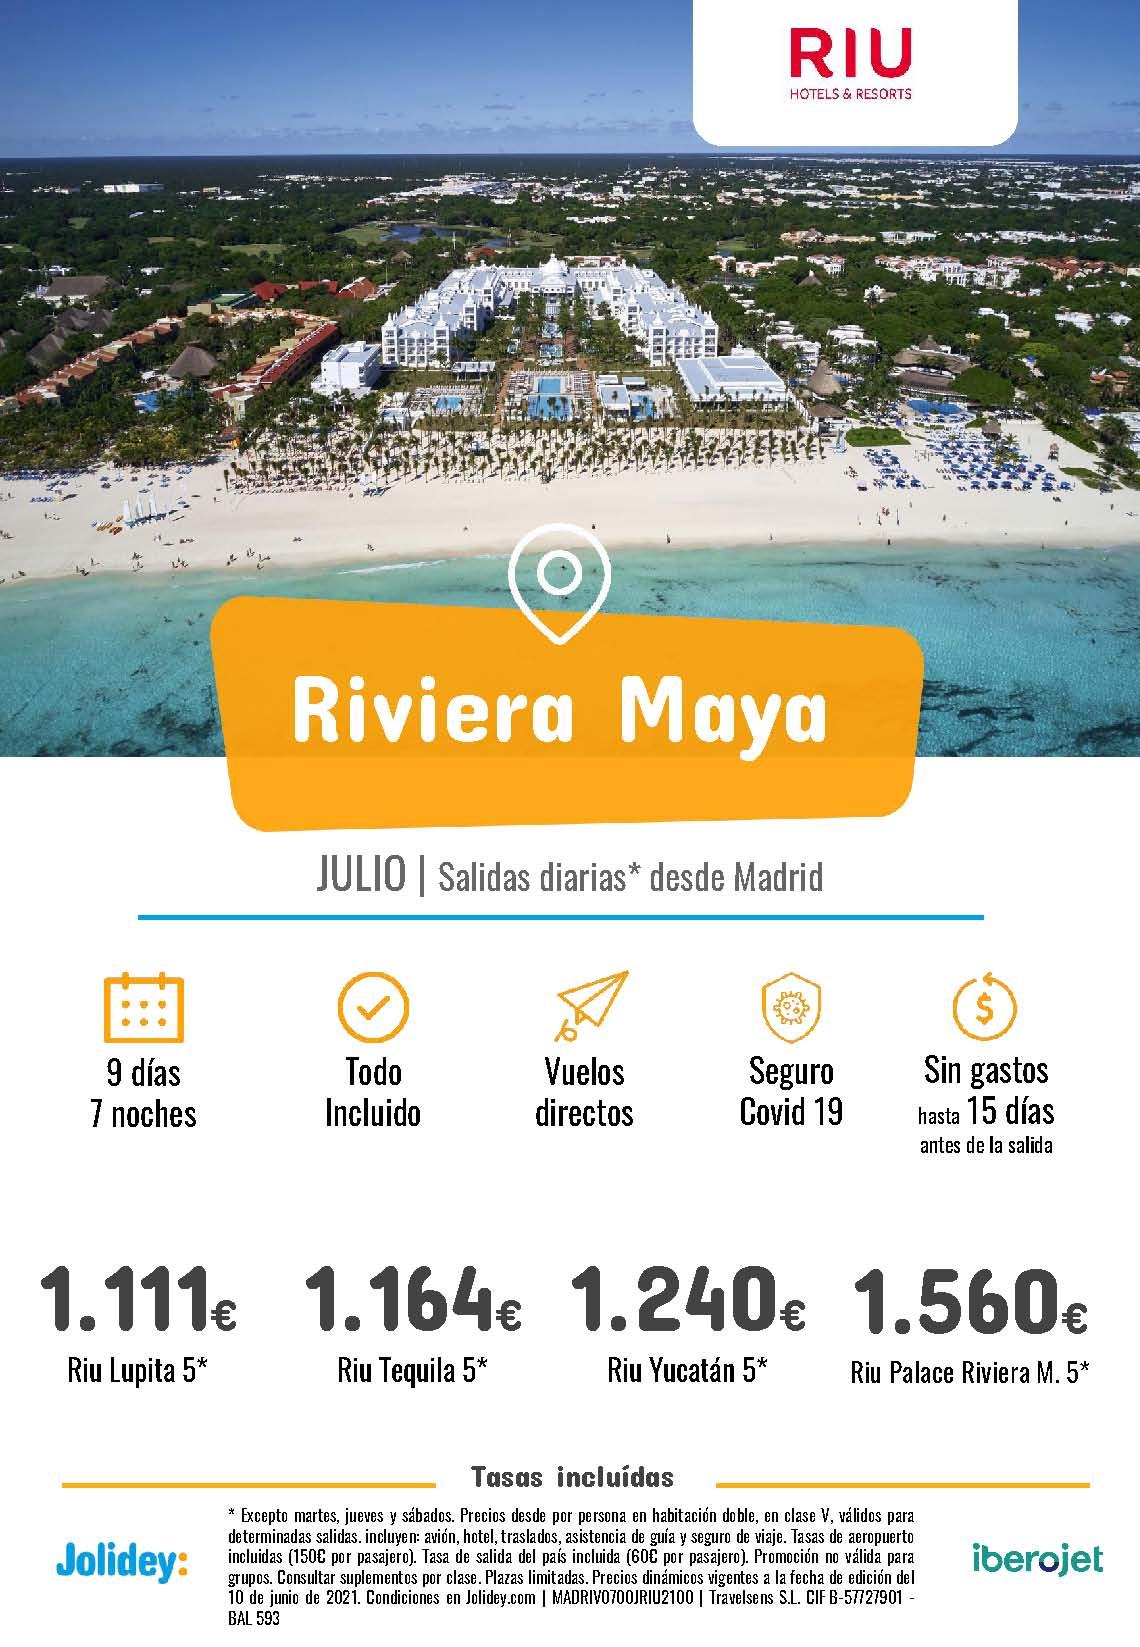 Ofertas Jolidey Riviera Maya en Hoteles Riu Julio 2021 vuelo directo desde Madrid